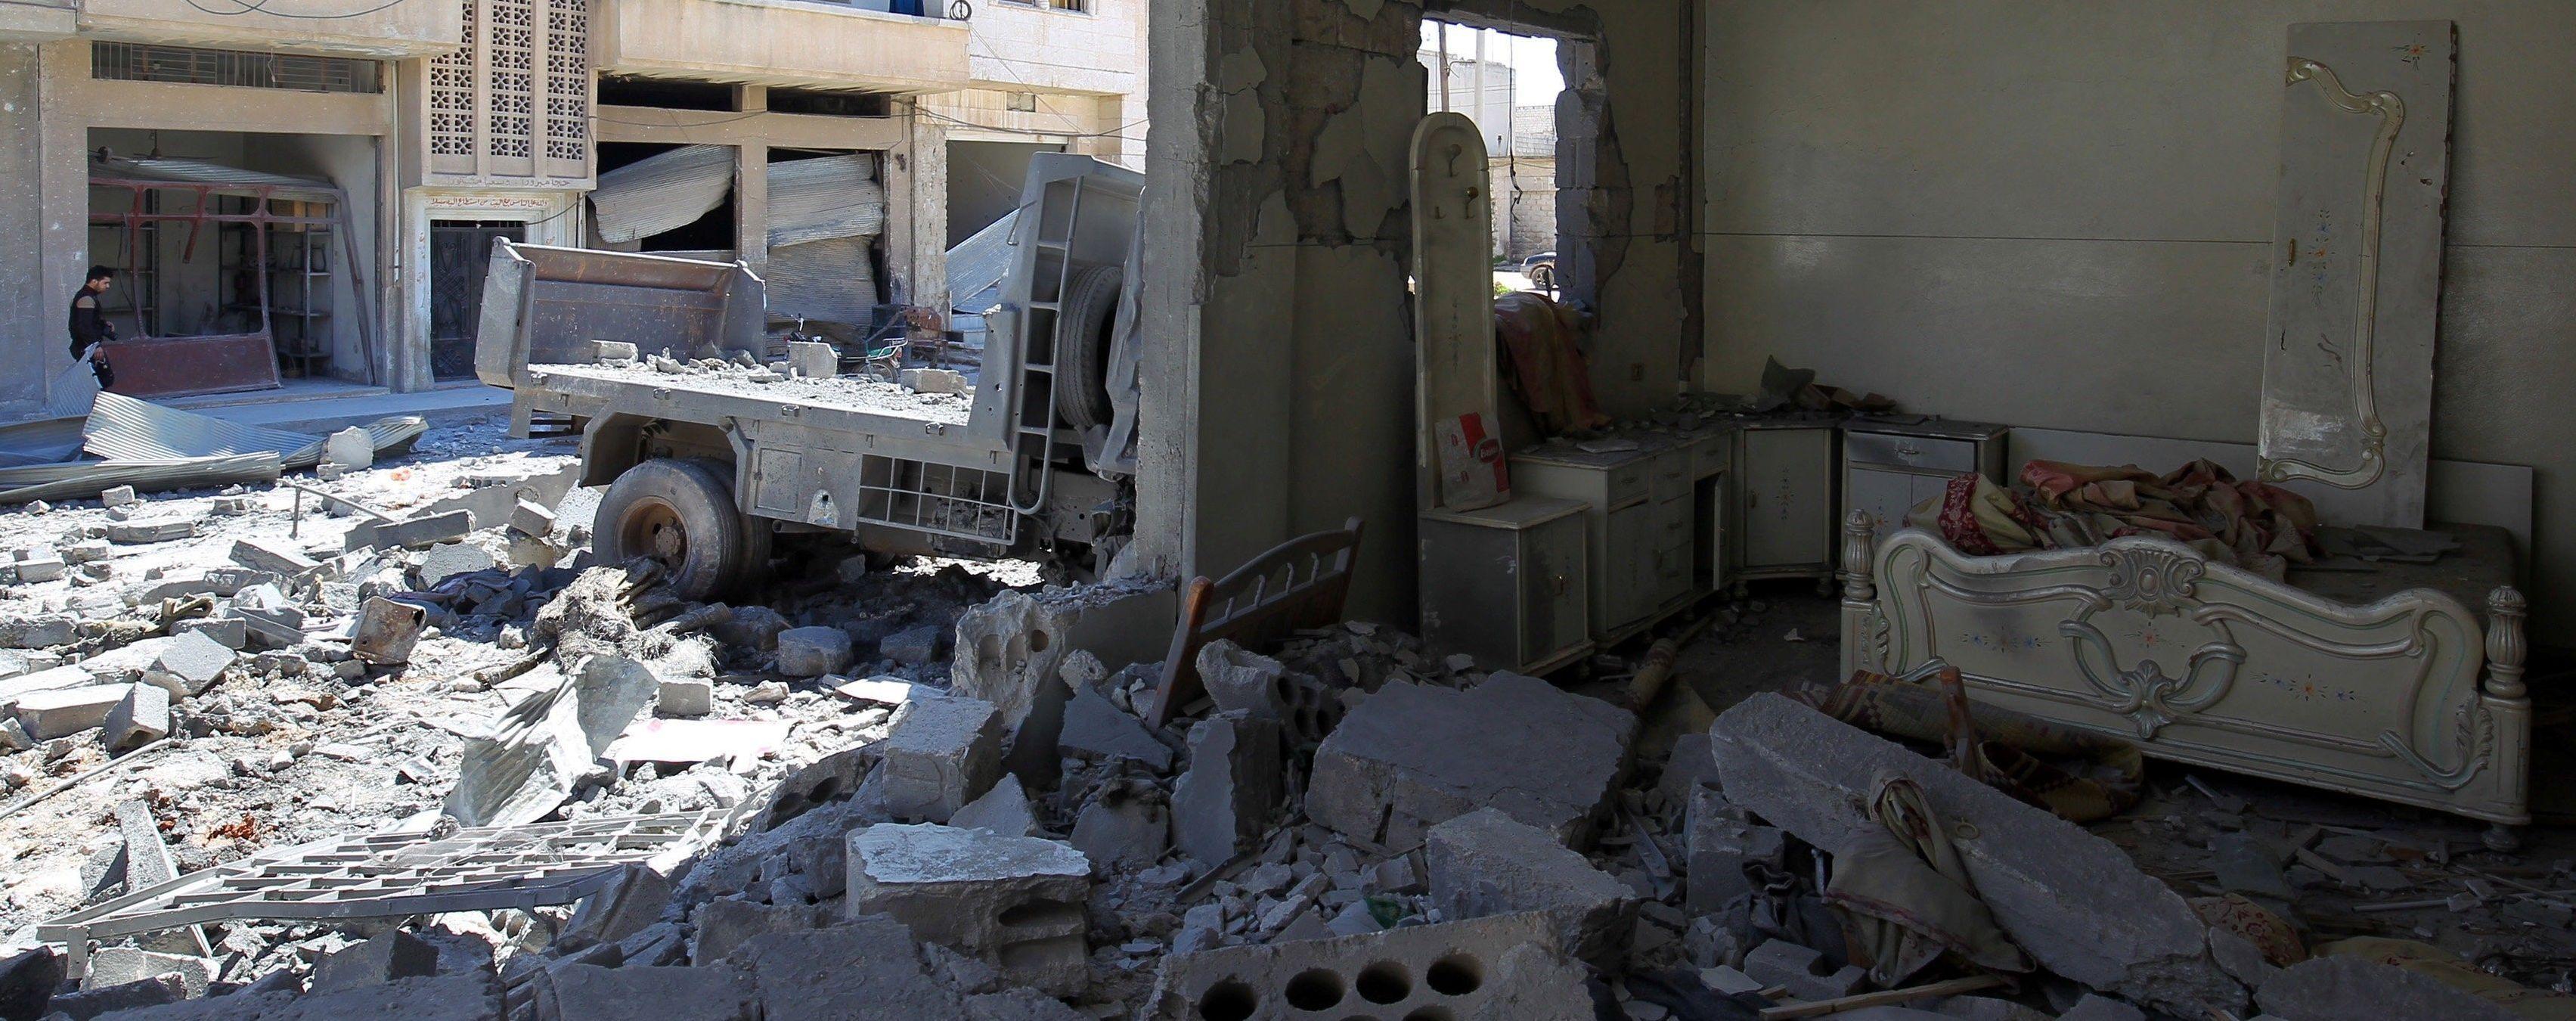 Асад и Кремль – сообщники. В МИД Украины прокомментировали удар США по Сирии